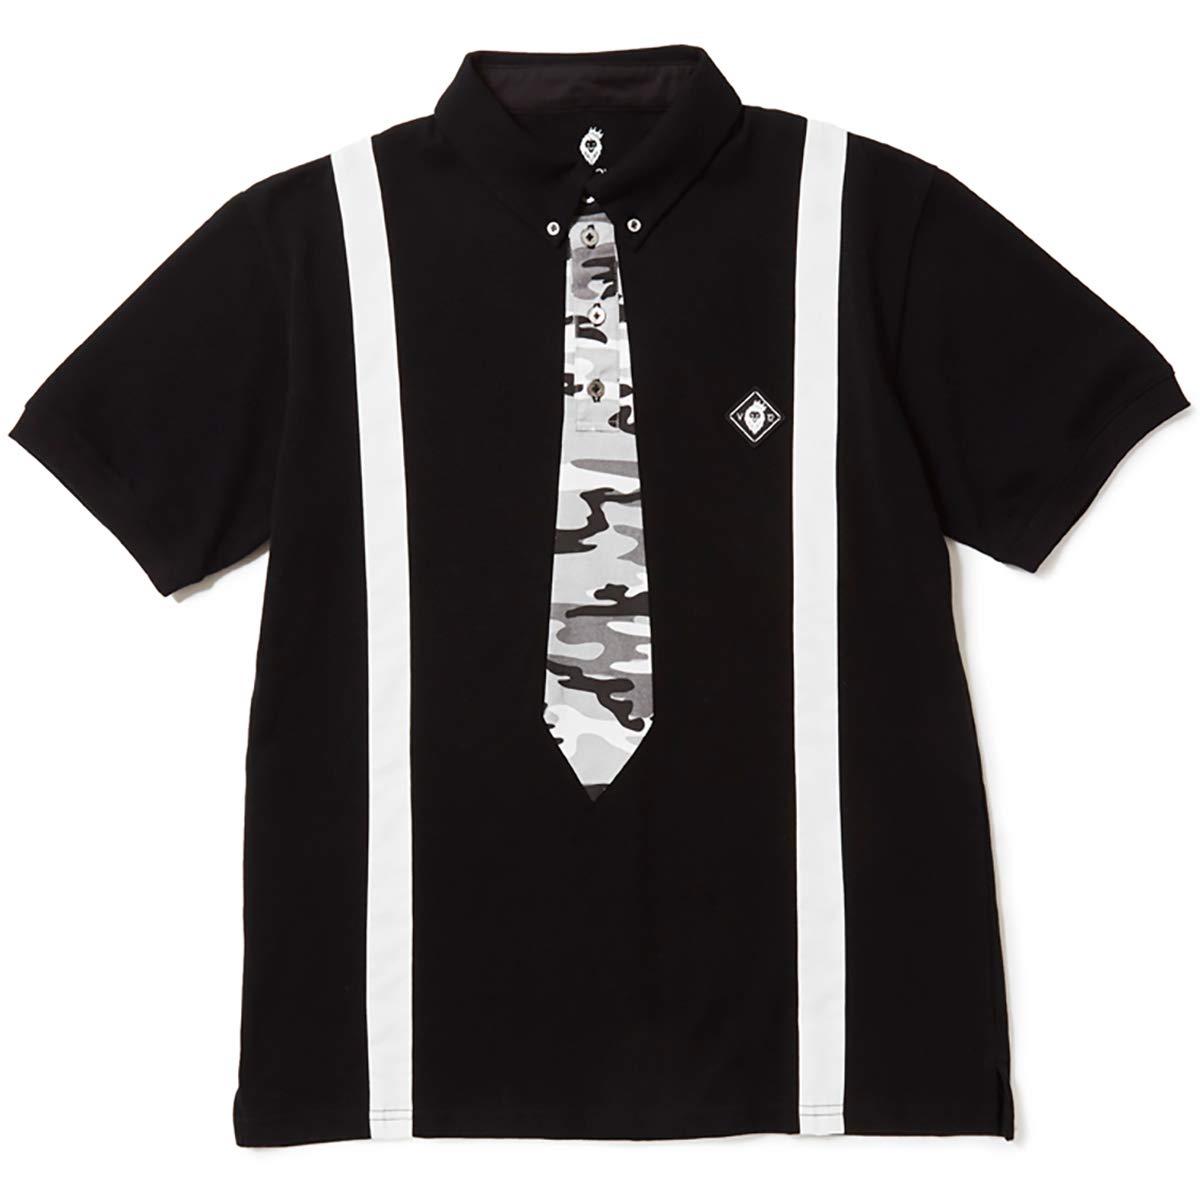 高質で安価 ヴィトゥエルヴ V12 半袖シャツポロシャツ FAKE TIE TIE 半袖ポロシャツ L B07PR1WG7F ブラック FAKE B07PR1WG7F, ハンドメイドのお店preser:e61cccc0 --- ballyshannonshow.com